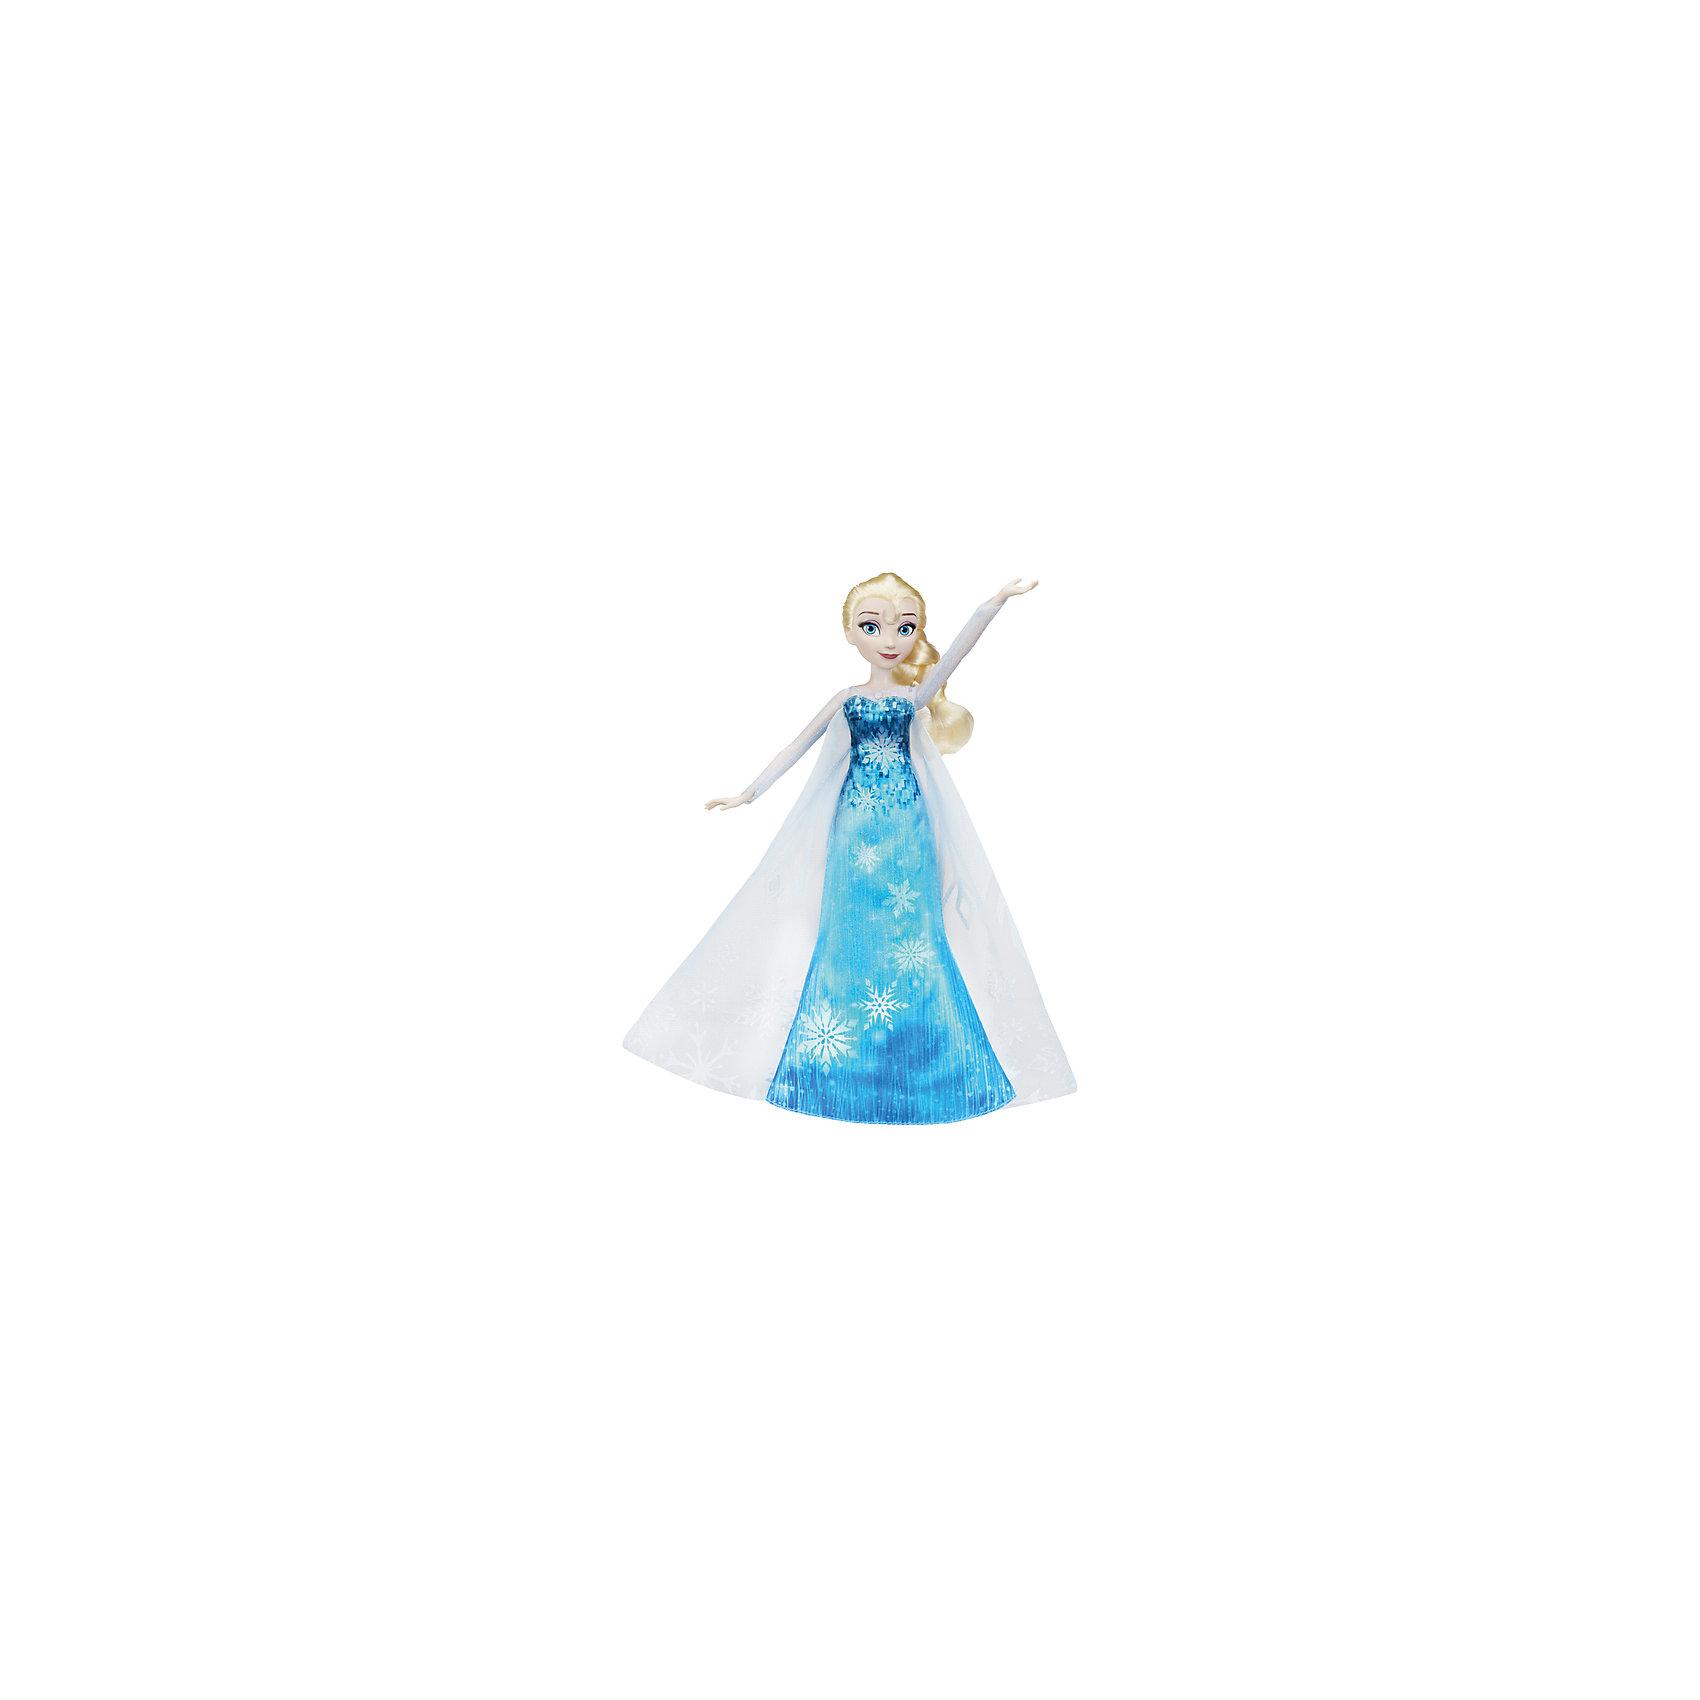 Кукла Hasbro Disney Frozen, Эльза в музыкальном платьеКуклы-модели<br><br><br>Ширина мм: 64<br>Глубина мм: 229<br>Высота мм: 356<br>Вес г: 313<br>Возраст от месяцев: 36<br>Возраст до месяцев: 2147483647<br>Пол: Женский<br>Возраст: Детский<br>SKU: 7137749